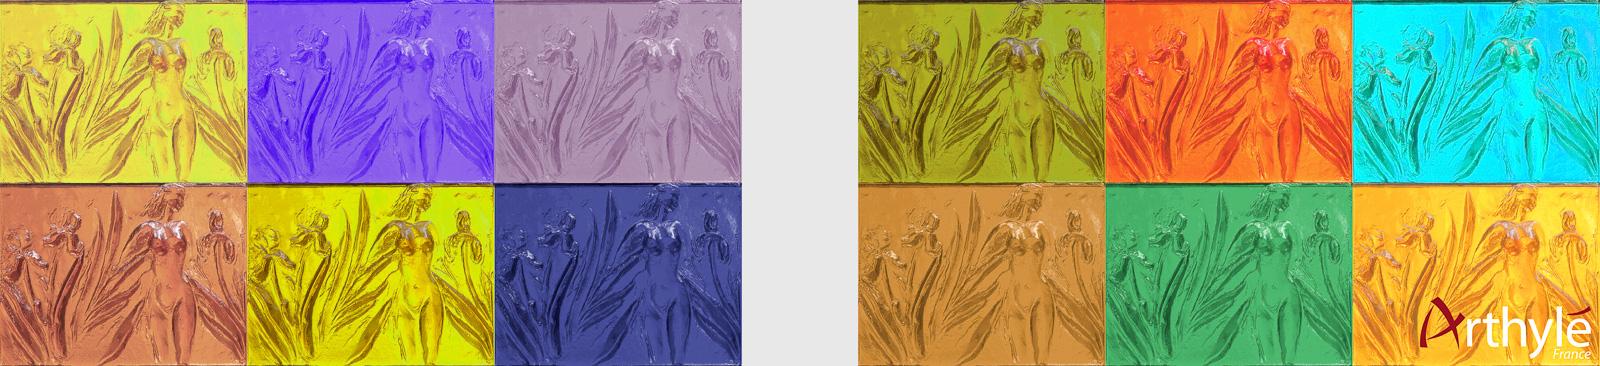 Bandeau mosaïque pastel Logo - Natacha MONDON _ Eric PIERRE pour Arthylé